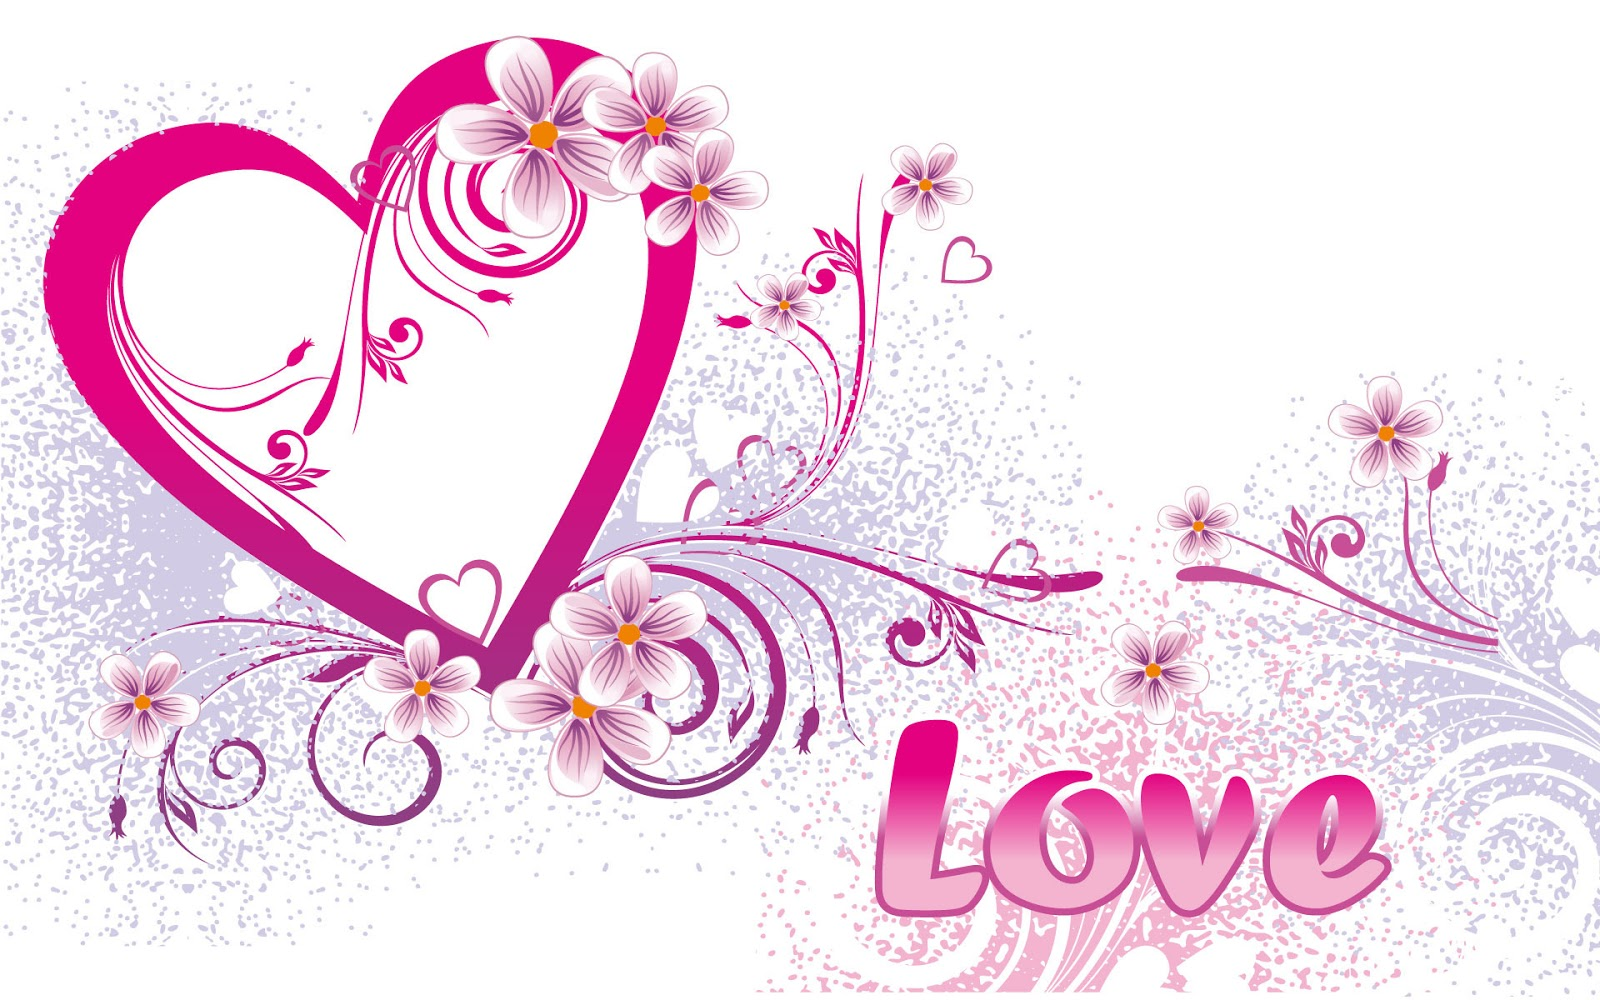 Phototaker Love Love Wallpaper